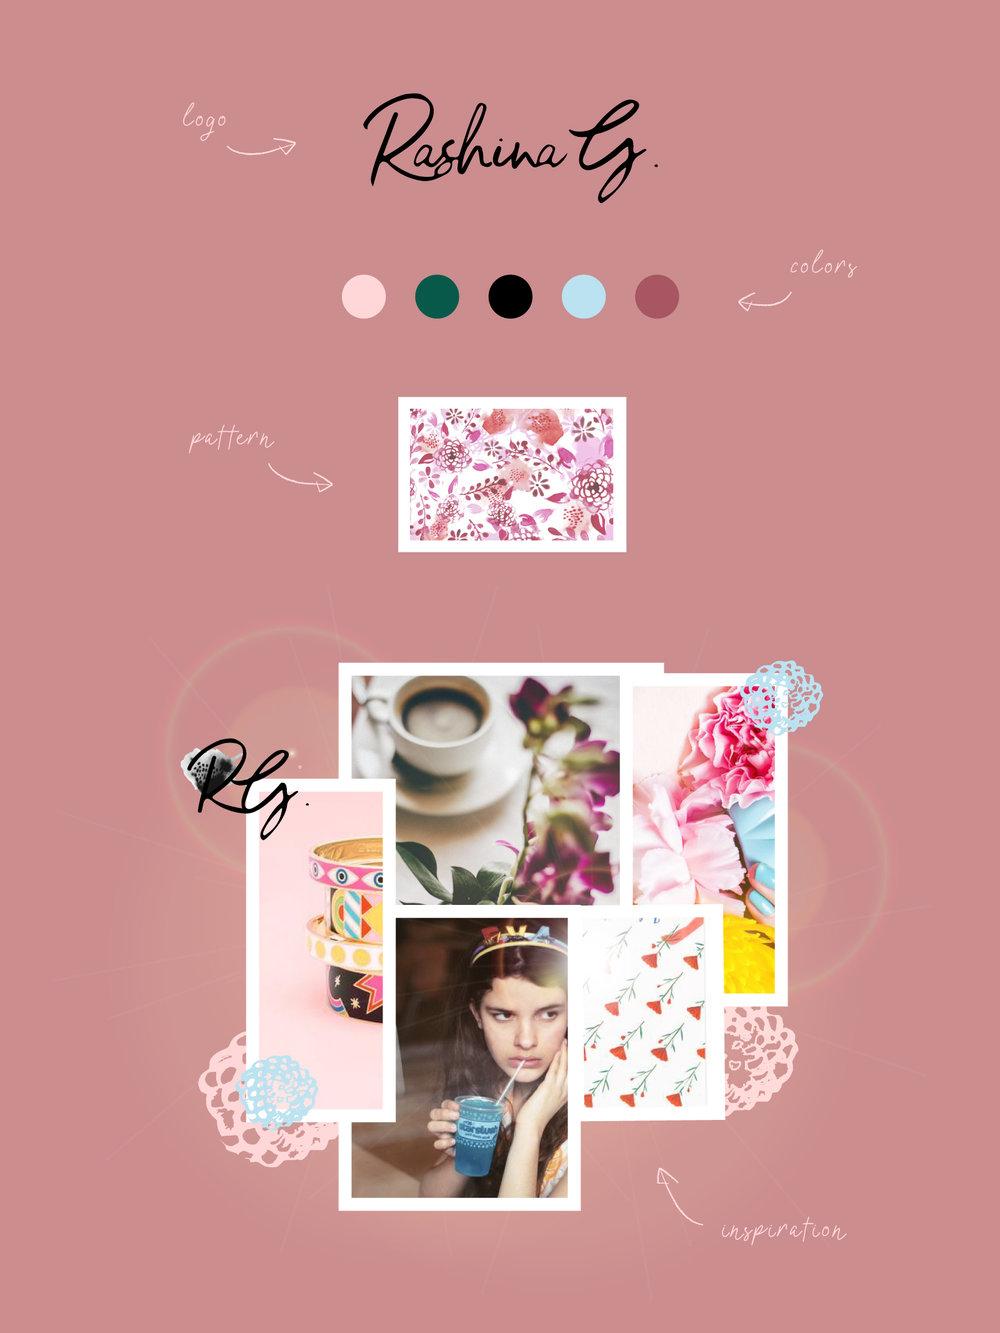 Design_Branding for Rashina G